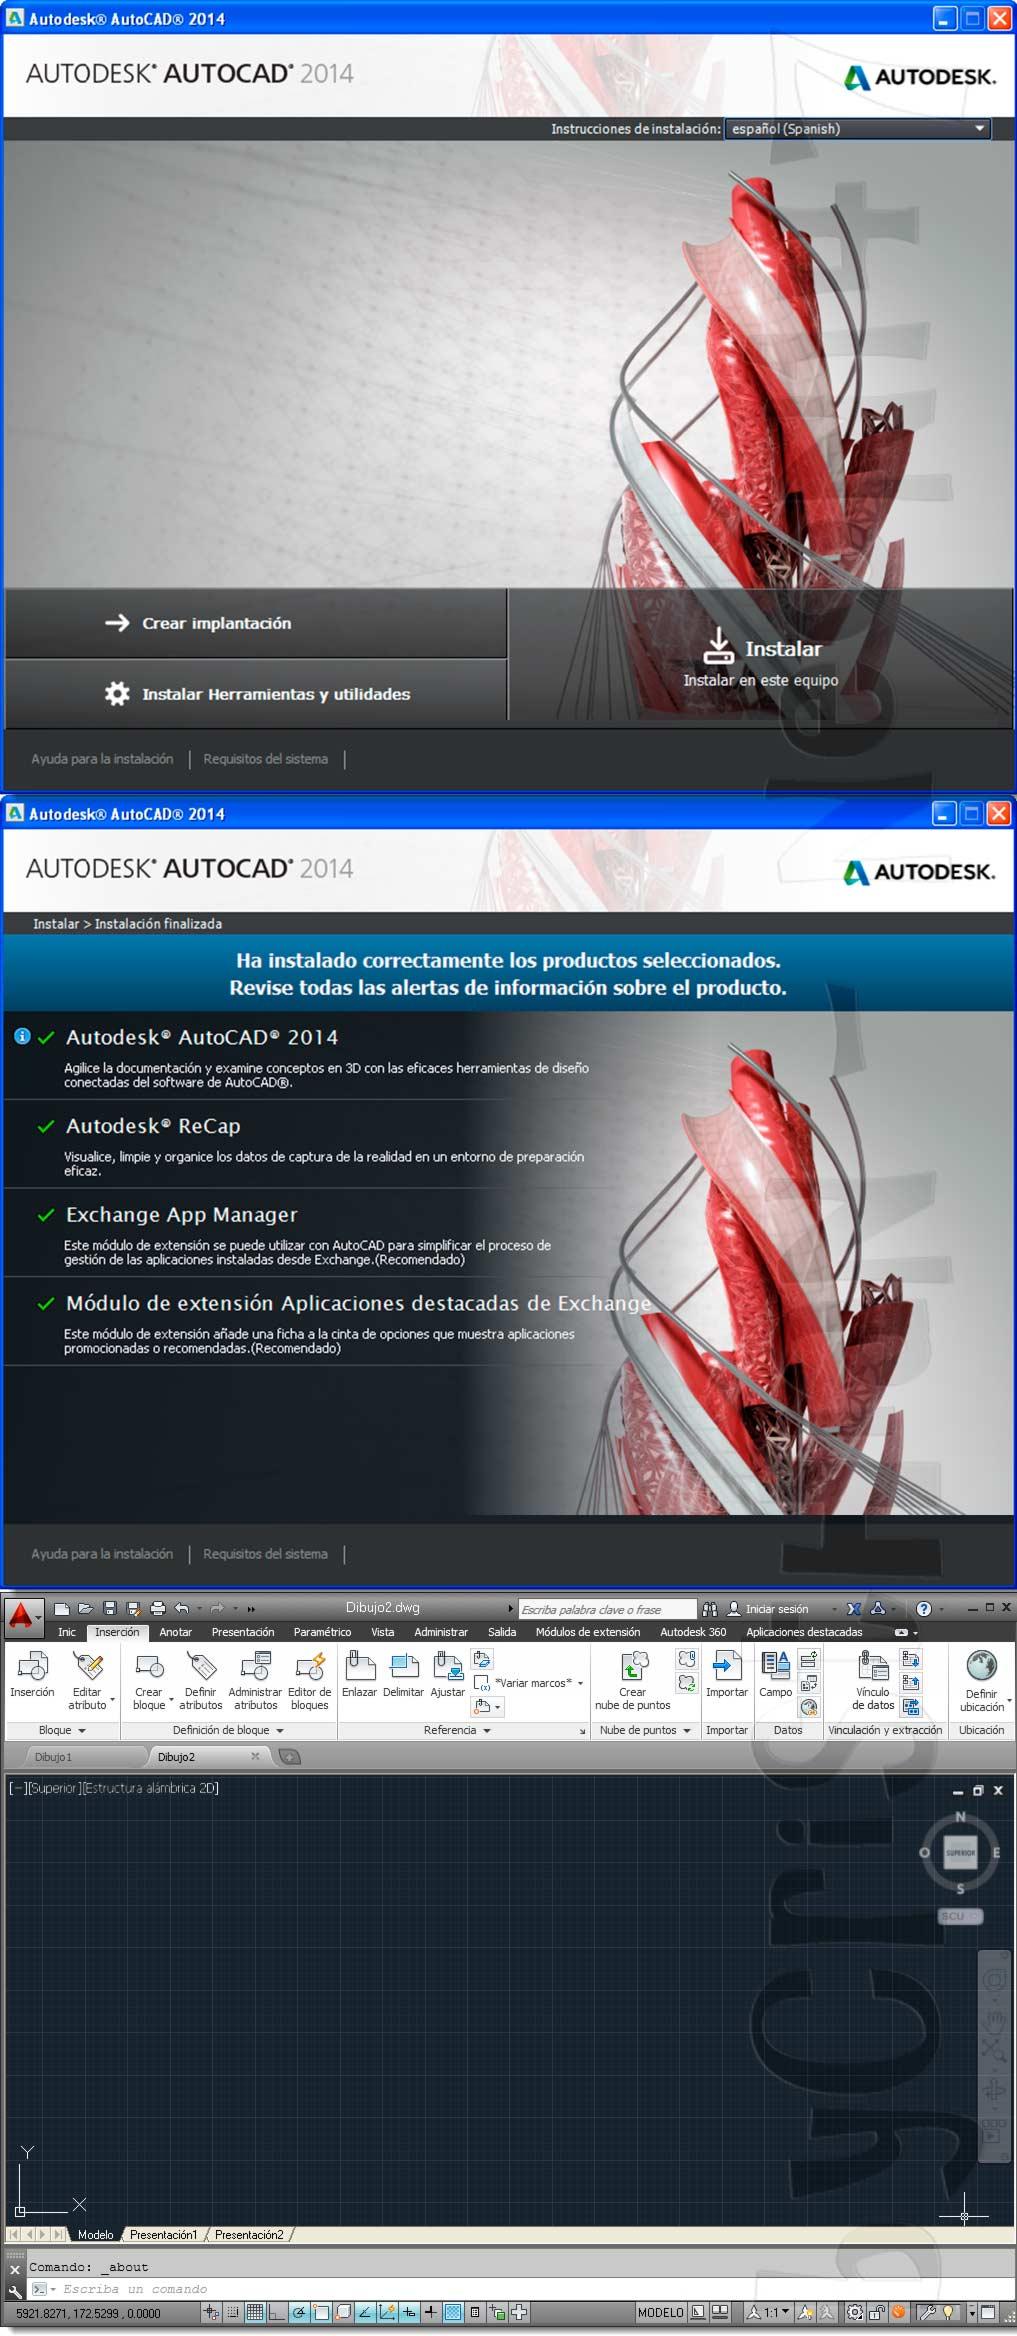 autocad 2014 crack 64 bit